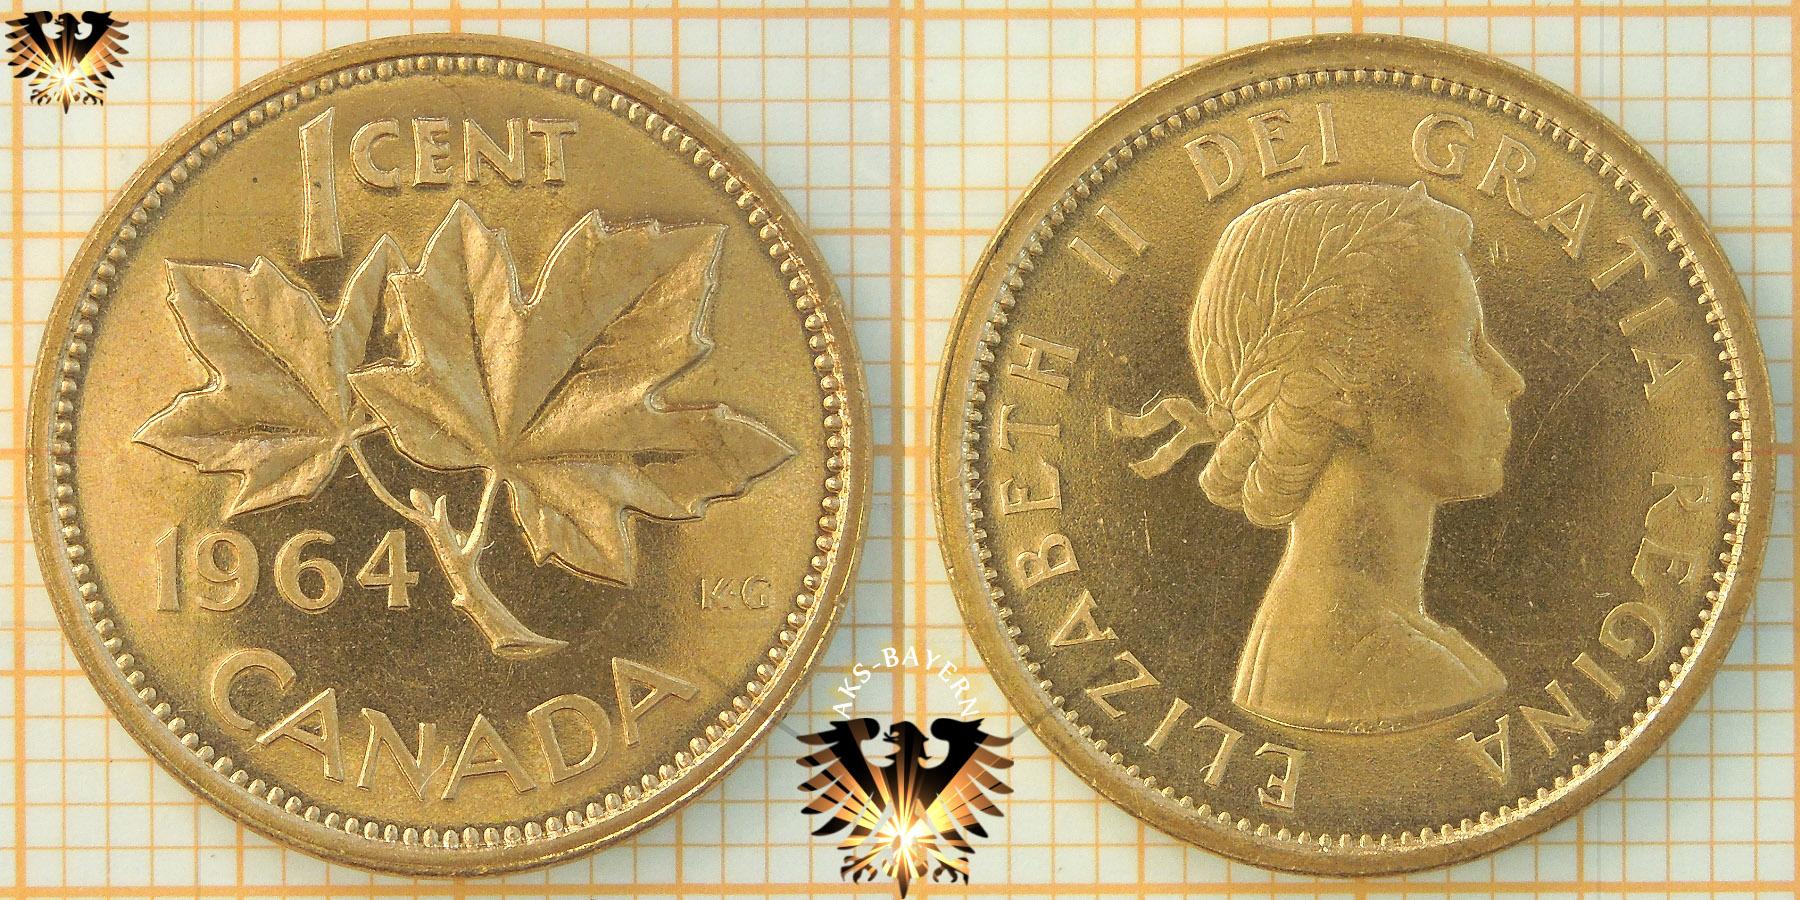 1 Cent Canada 1964 Elizabeth Ii